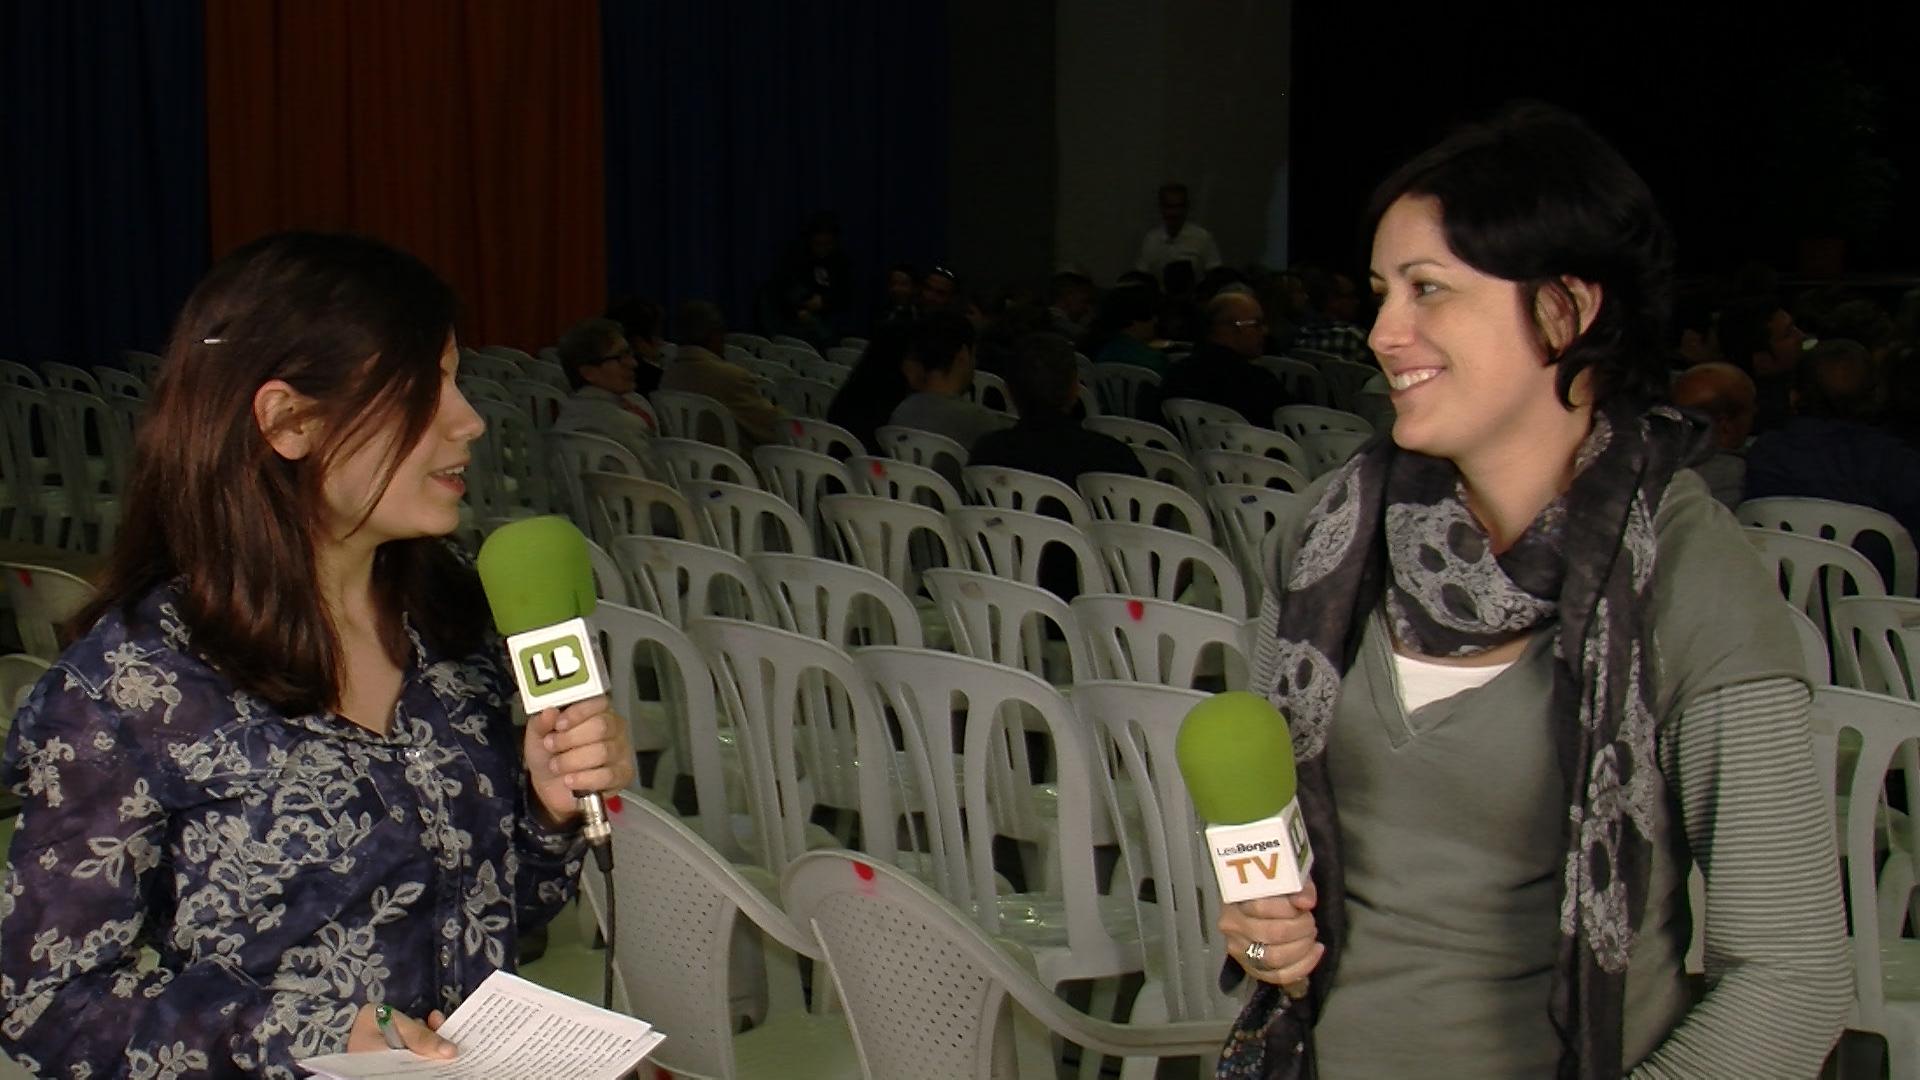 Debat a Ràdio Les Borges